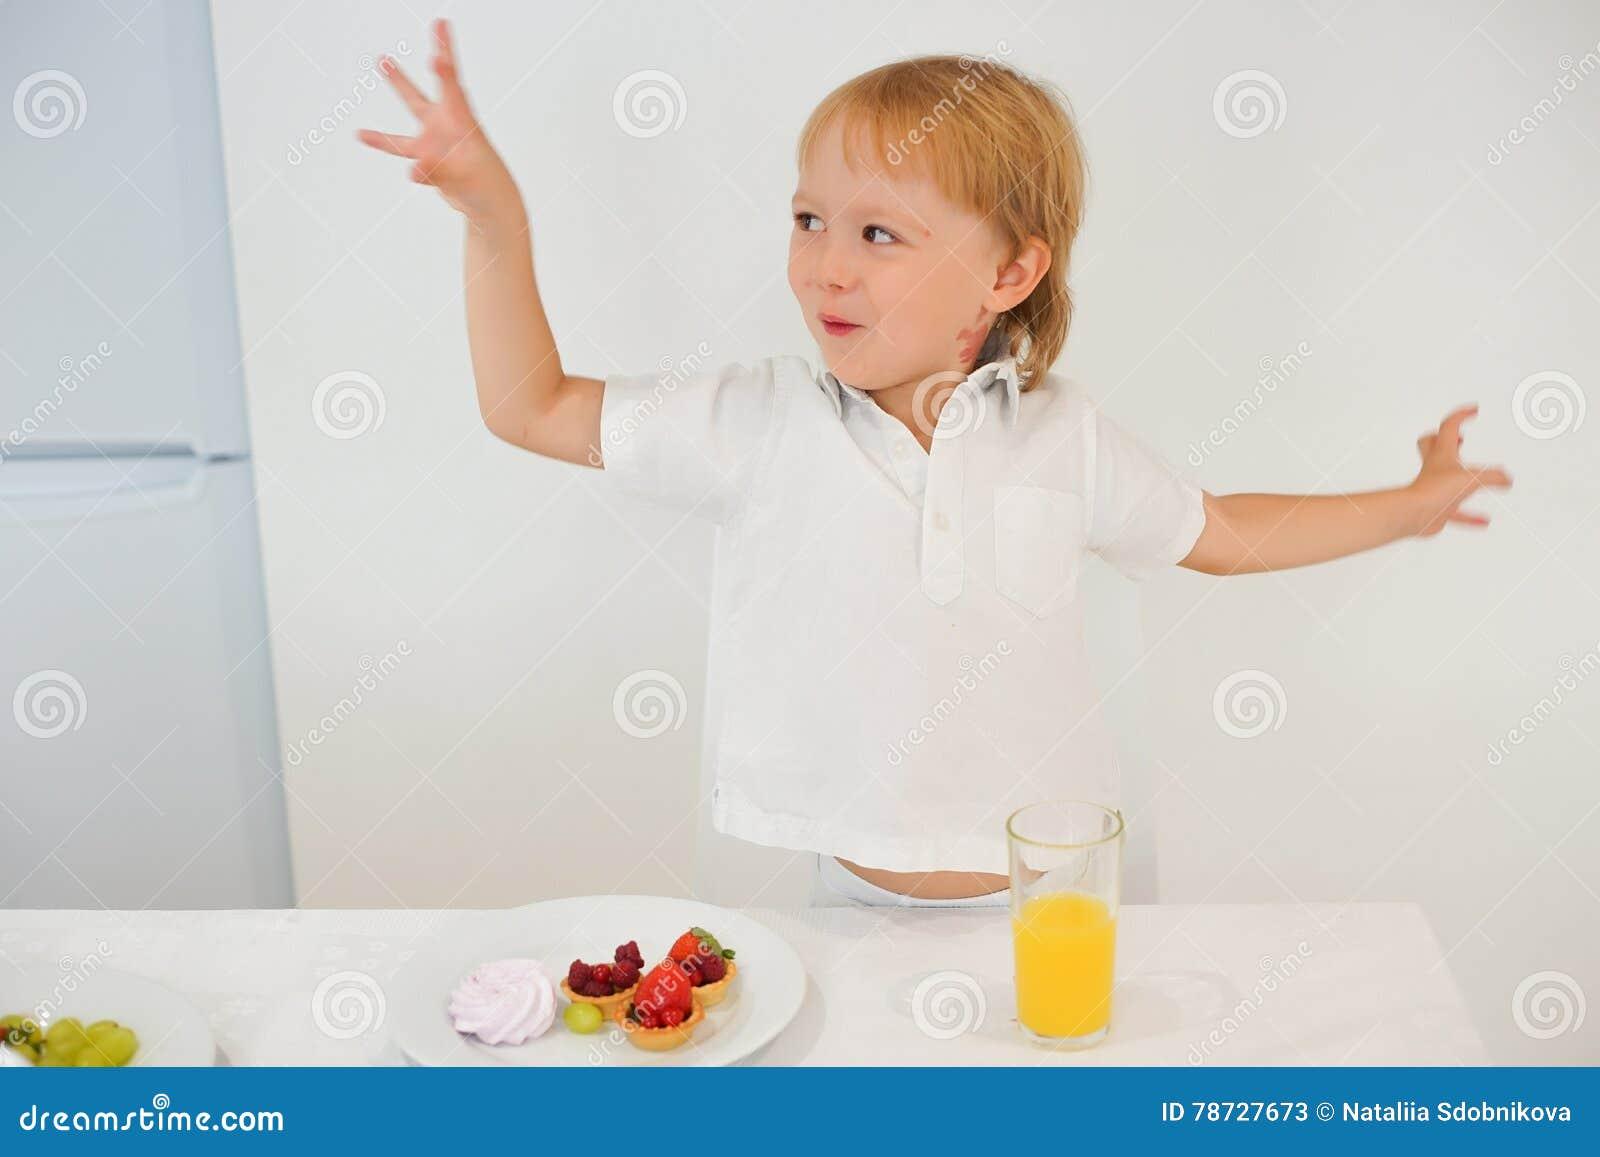 Pojke som förbereder frukosten i vitt kök